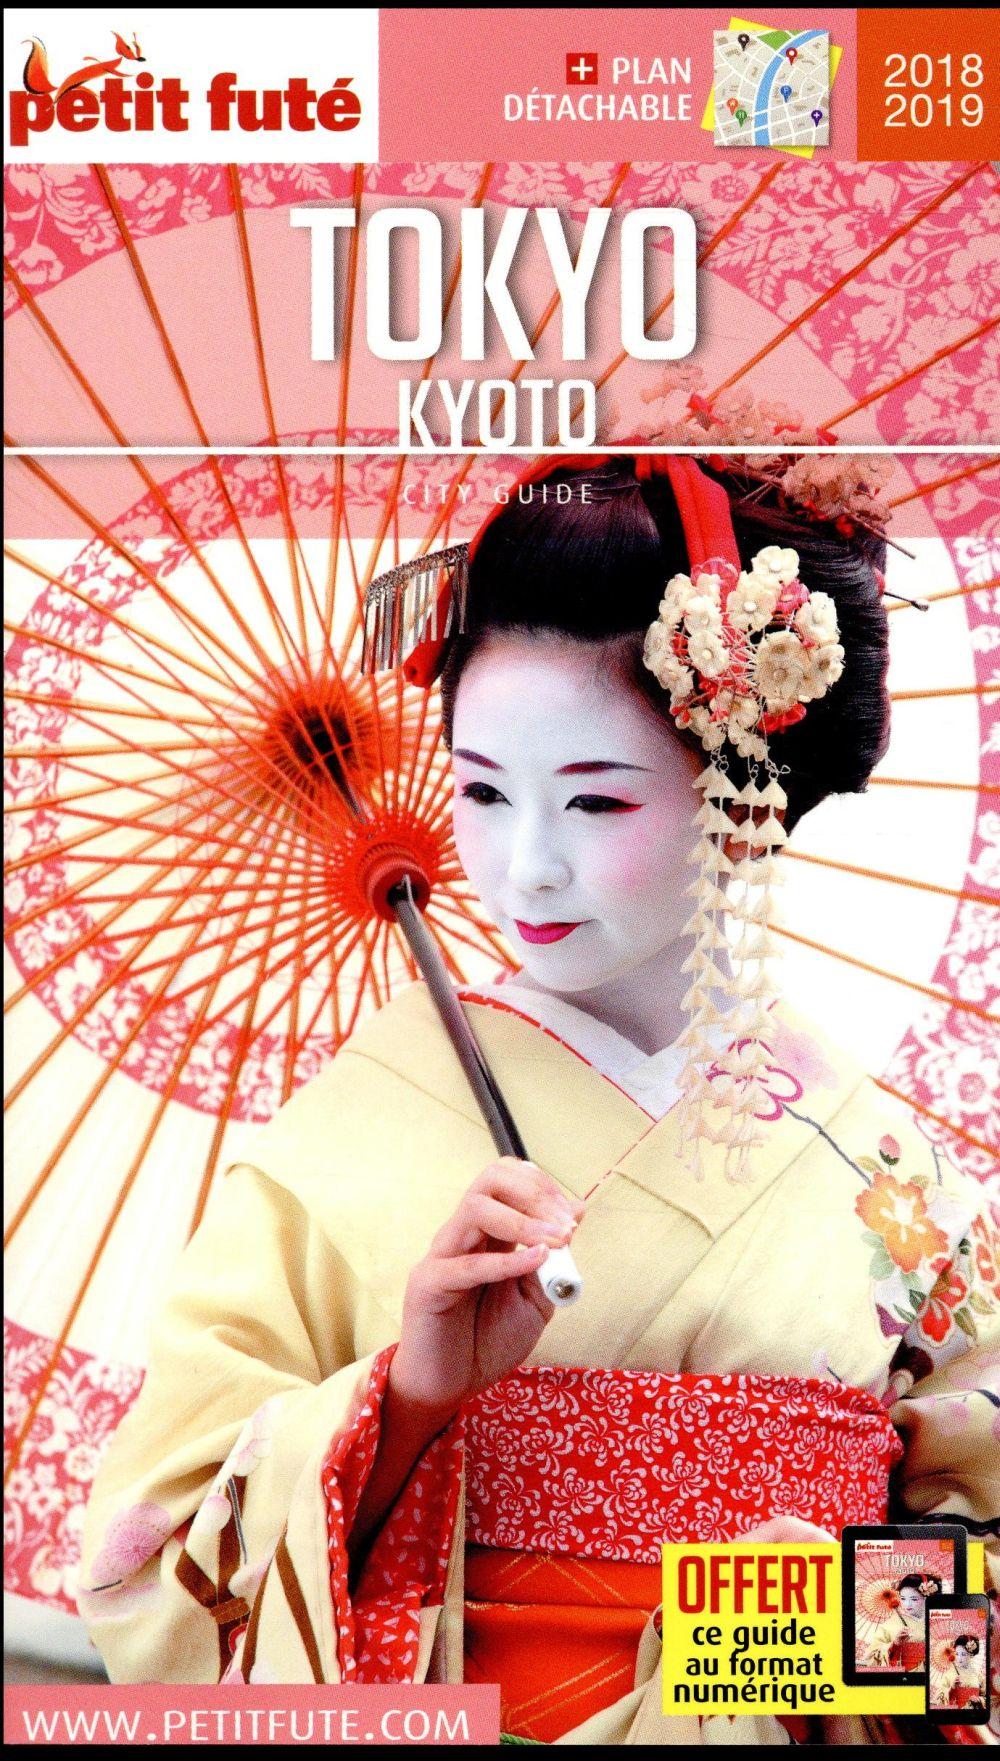 TOKYO - KYOTO 2018-2019 PETIT FUTE + OFFRE NUM + PLAN